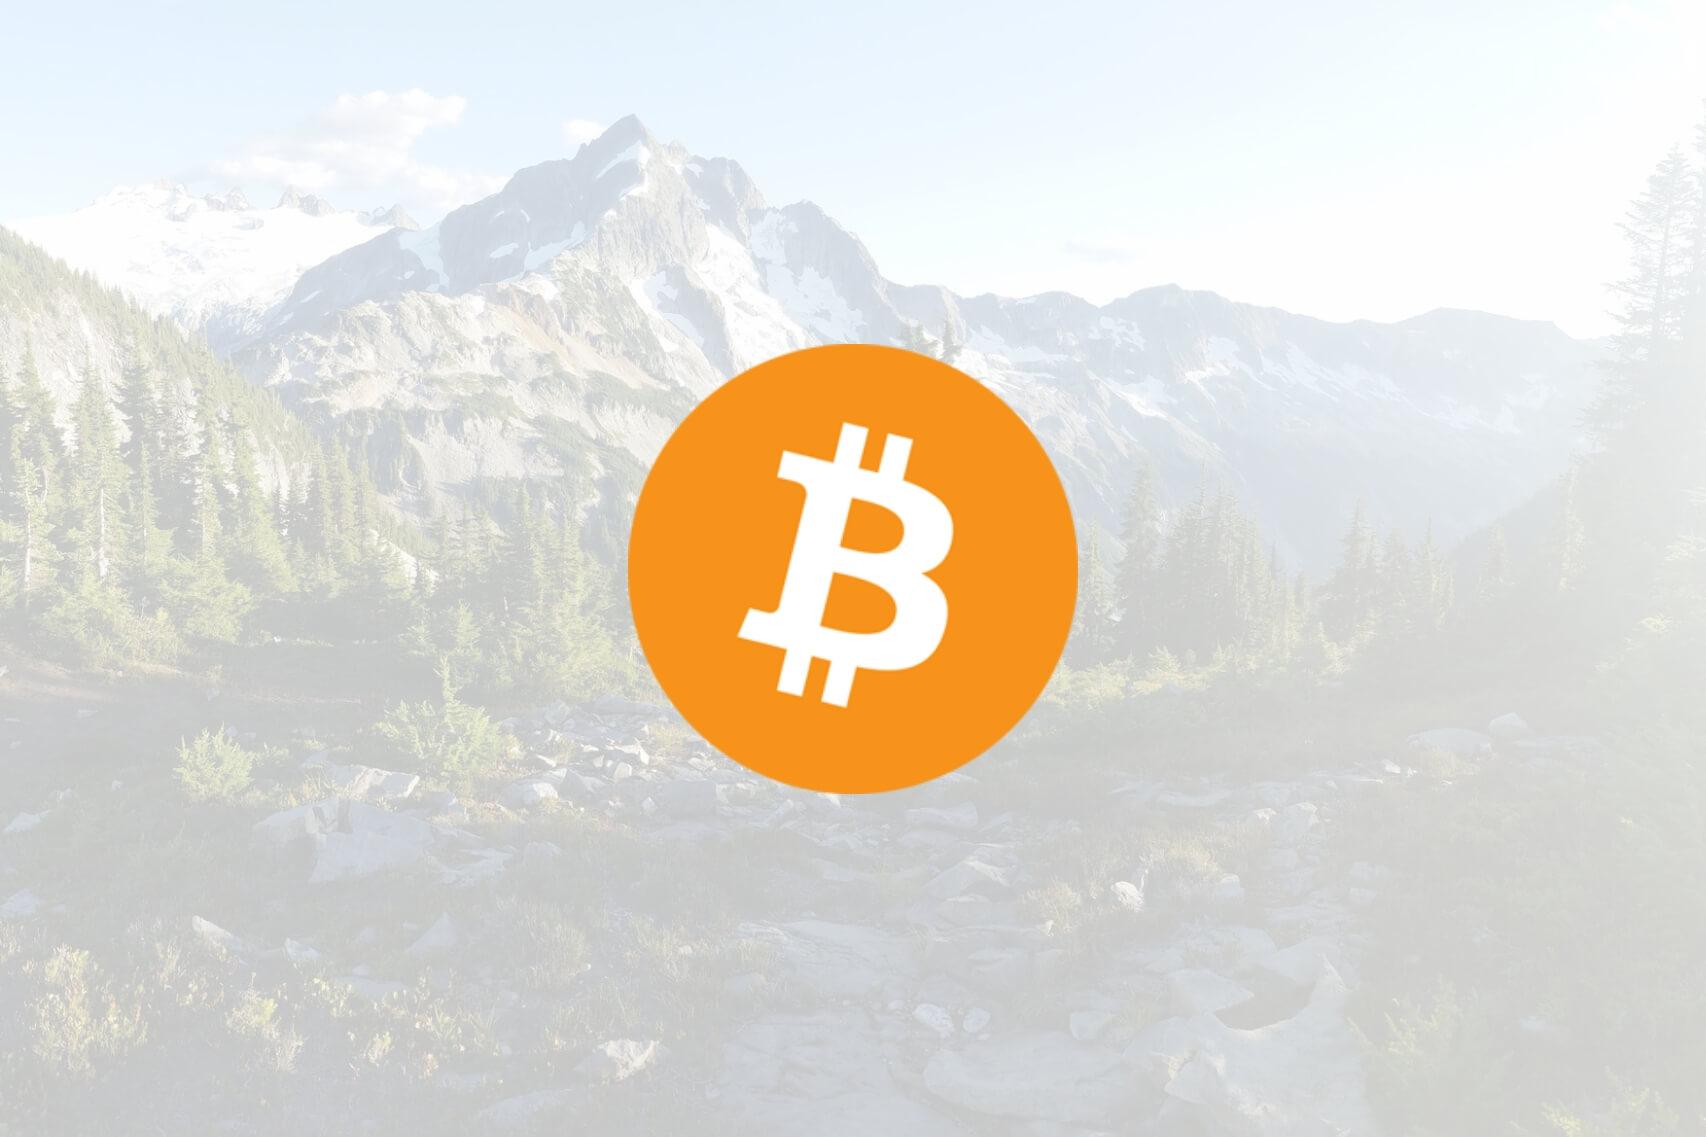 btc_price_december2018